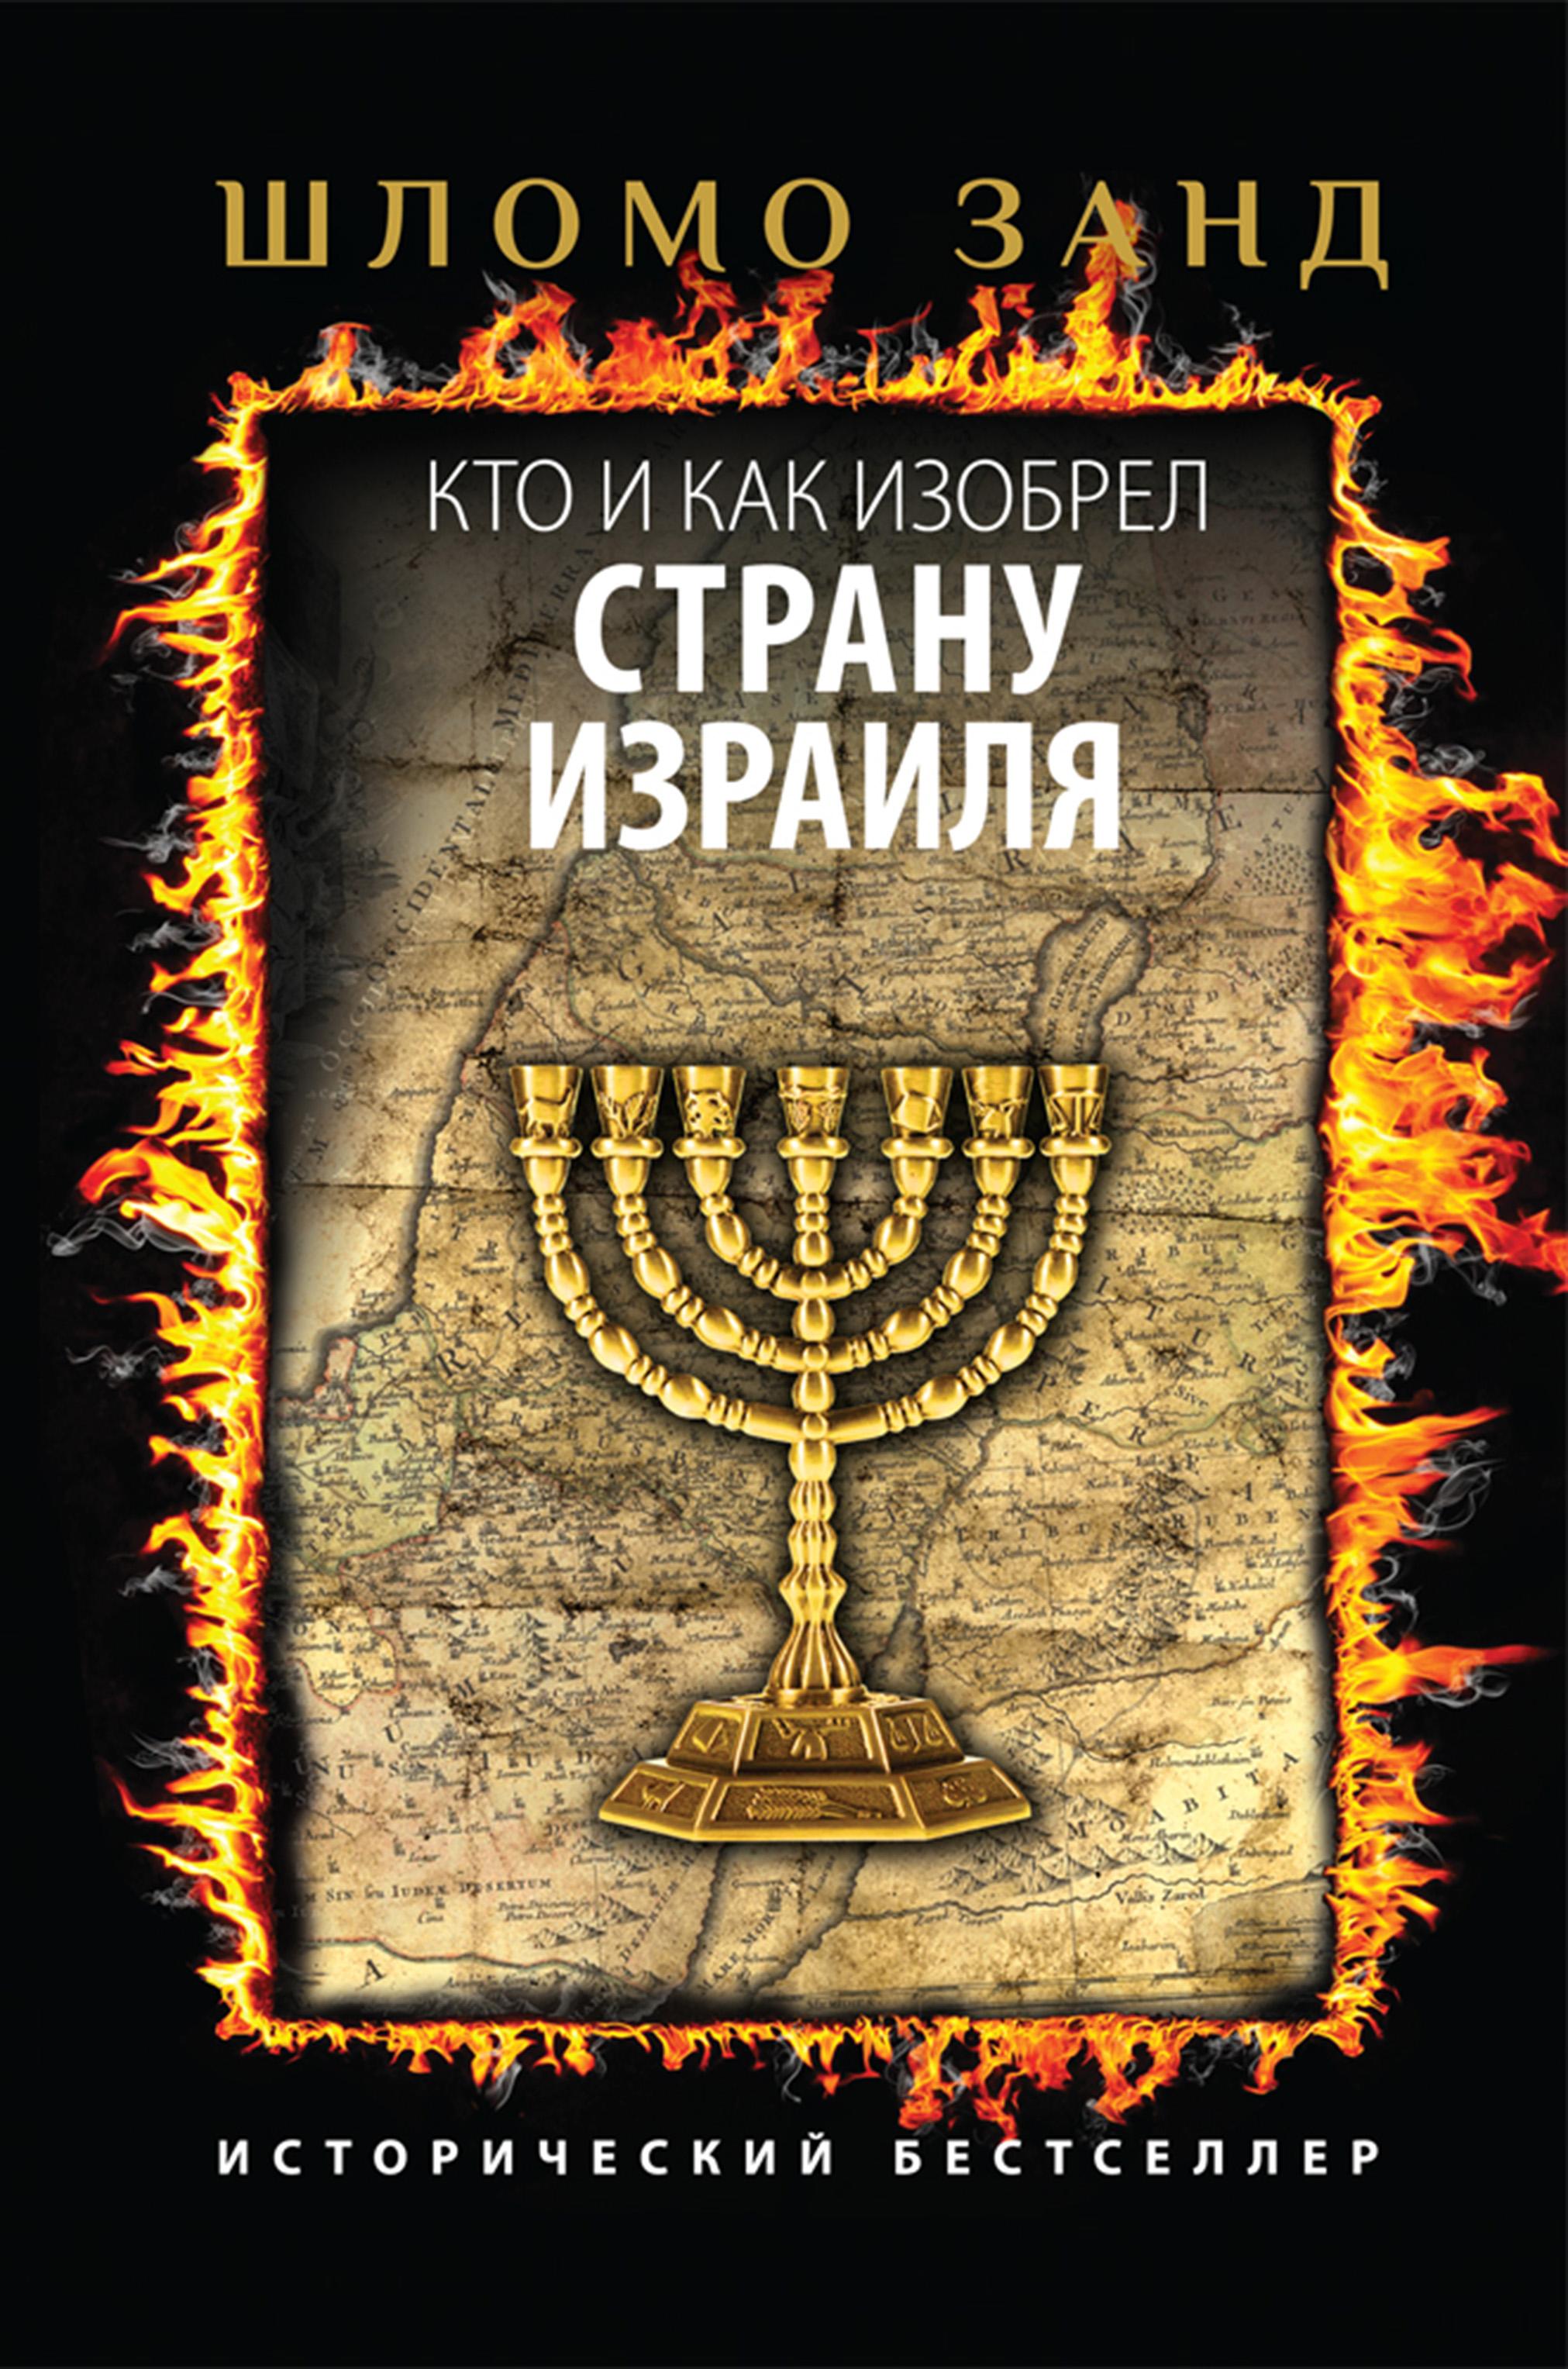 КНИГА ШЛОМО ЗАНД КТО И КАК ИЗОБРЕЛ ЕВРЕЙСКИЙ НАРОД СКАЧАТЬ БЕСПЛАТНО